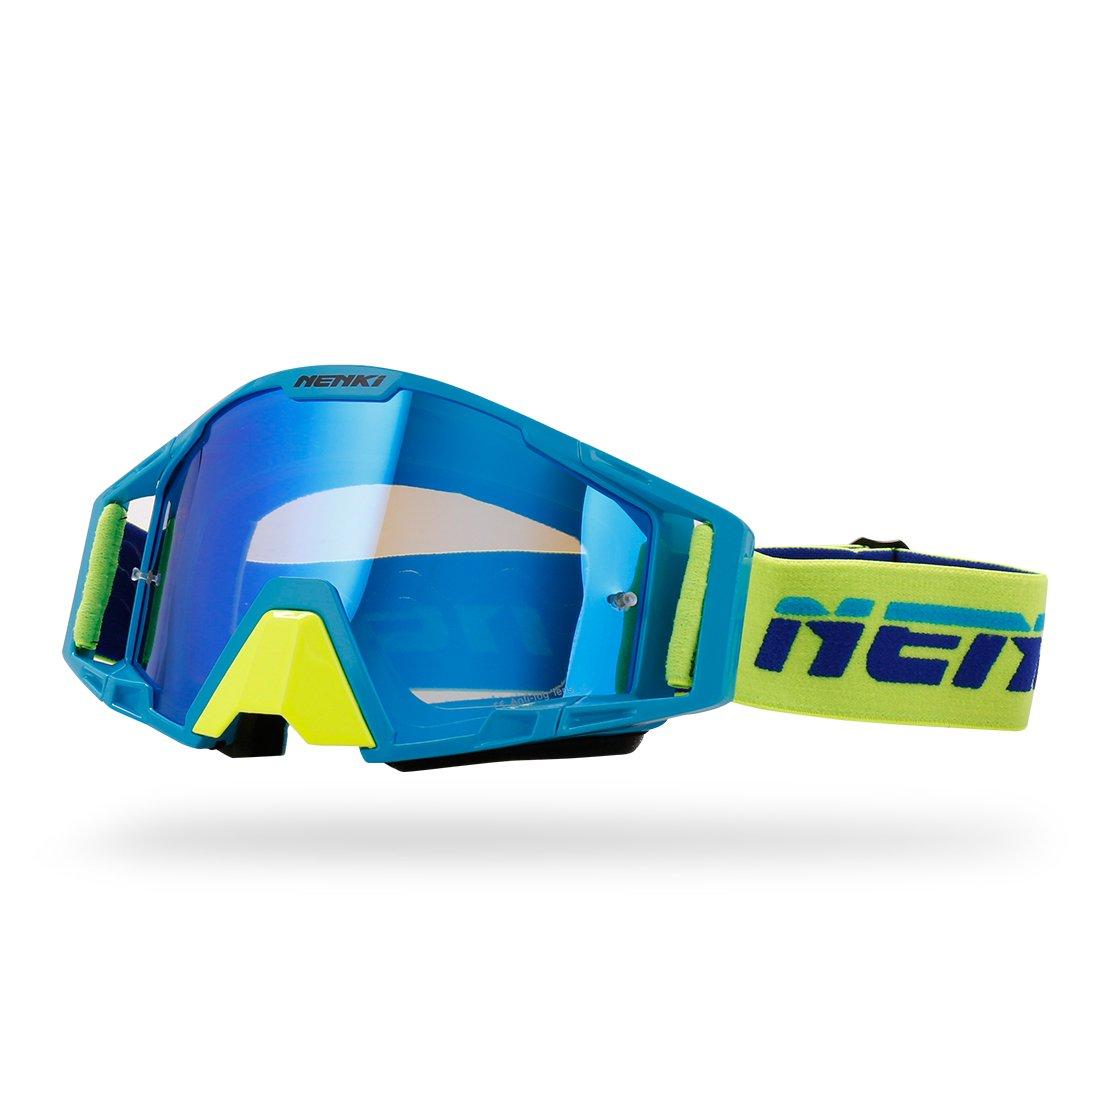 NENKI Occhiali da motocross NK-1025 con lente di iridio per MX ATV Occhiali da moto fuoristrada di sporcizia per uomini e donne (ROSSO GIALLO)